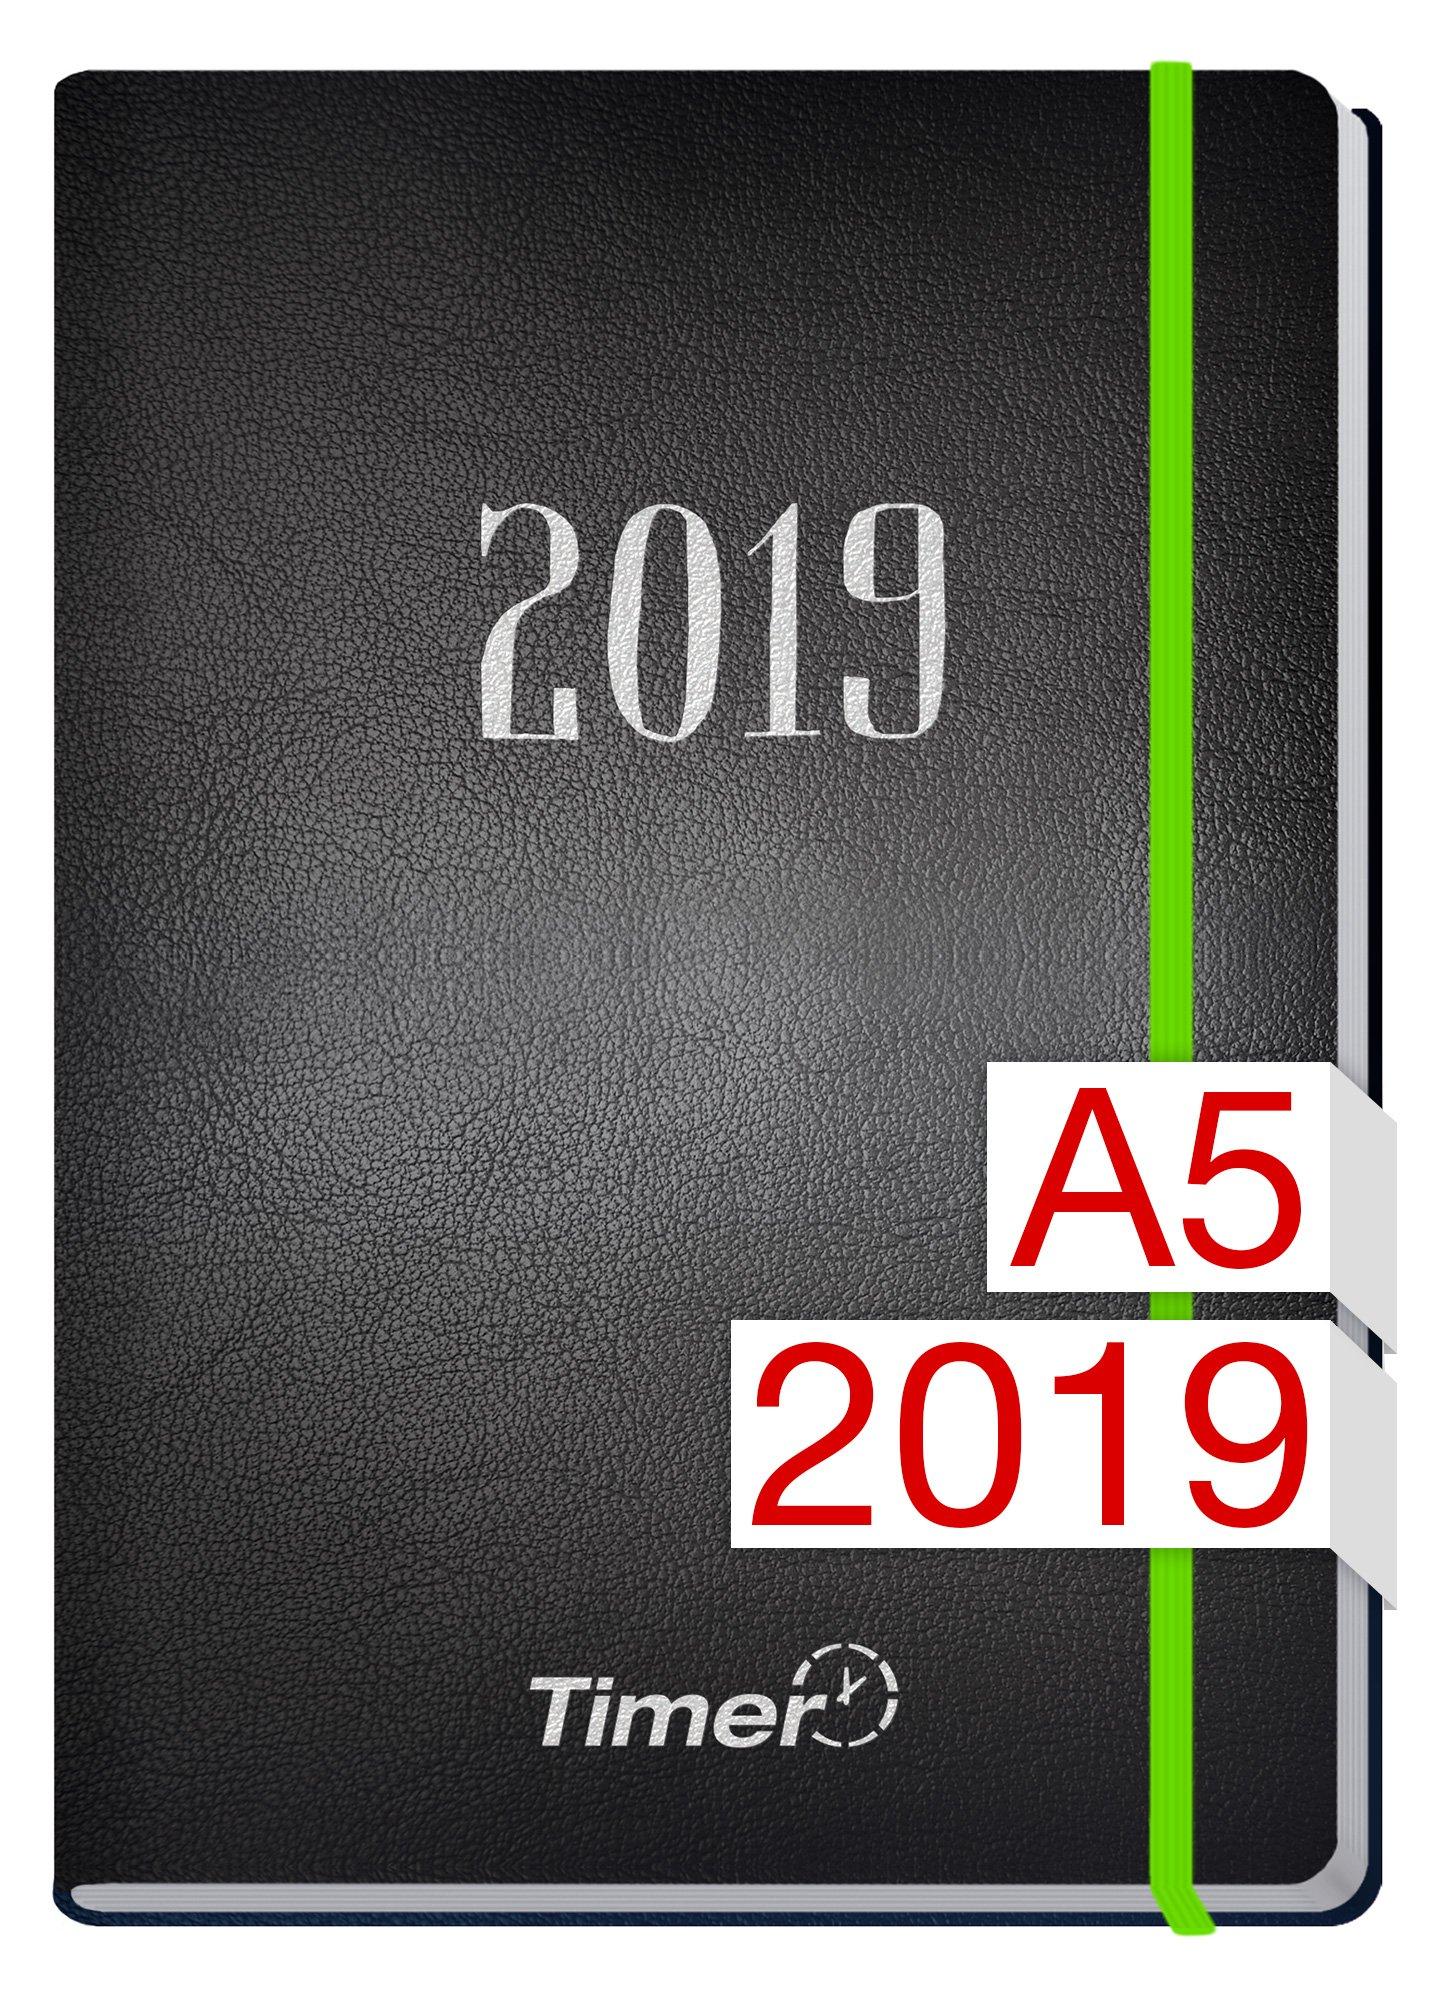 Chäff-Timer Premium A5 Kalender 2019 [Neon Grün] 12 Monate Jan-Dez 2019 - Gummiband, Einstecktasche - Terminkalender mit Wochenplaner - Organizer - Wochenkalender